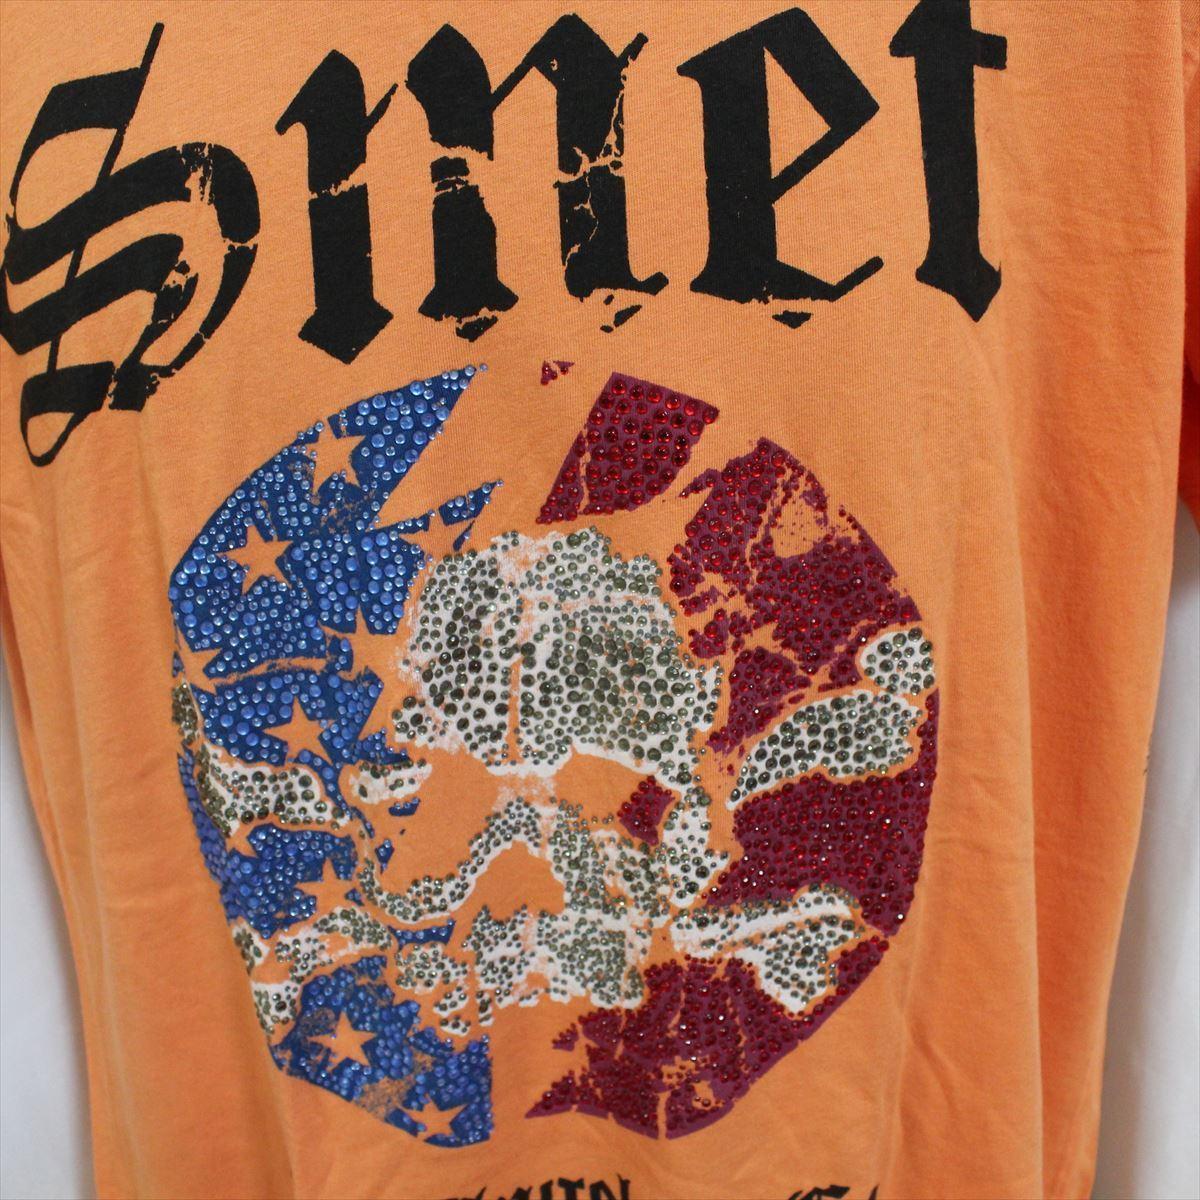 スメット SMET メンズ半袖Tシャツ オレンジ Lサイズ NO3 新品_画像2